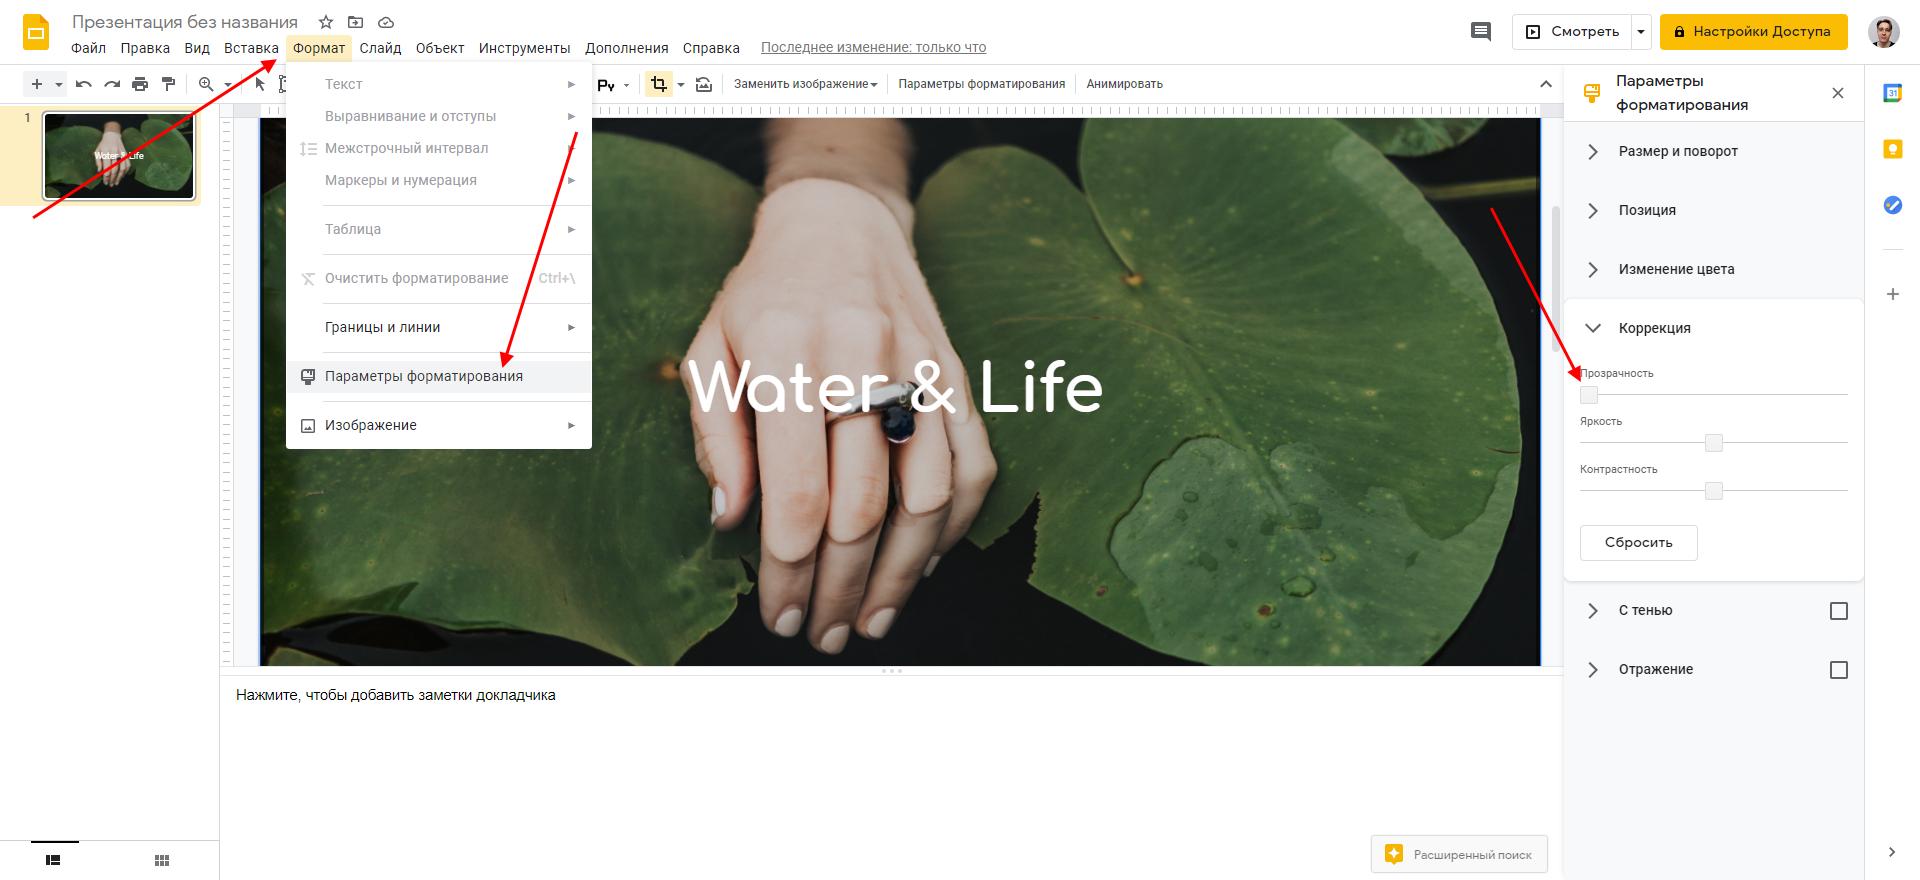 Как убрать прозрачность фотографии в Google презентациях